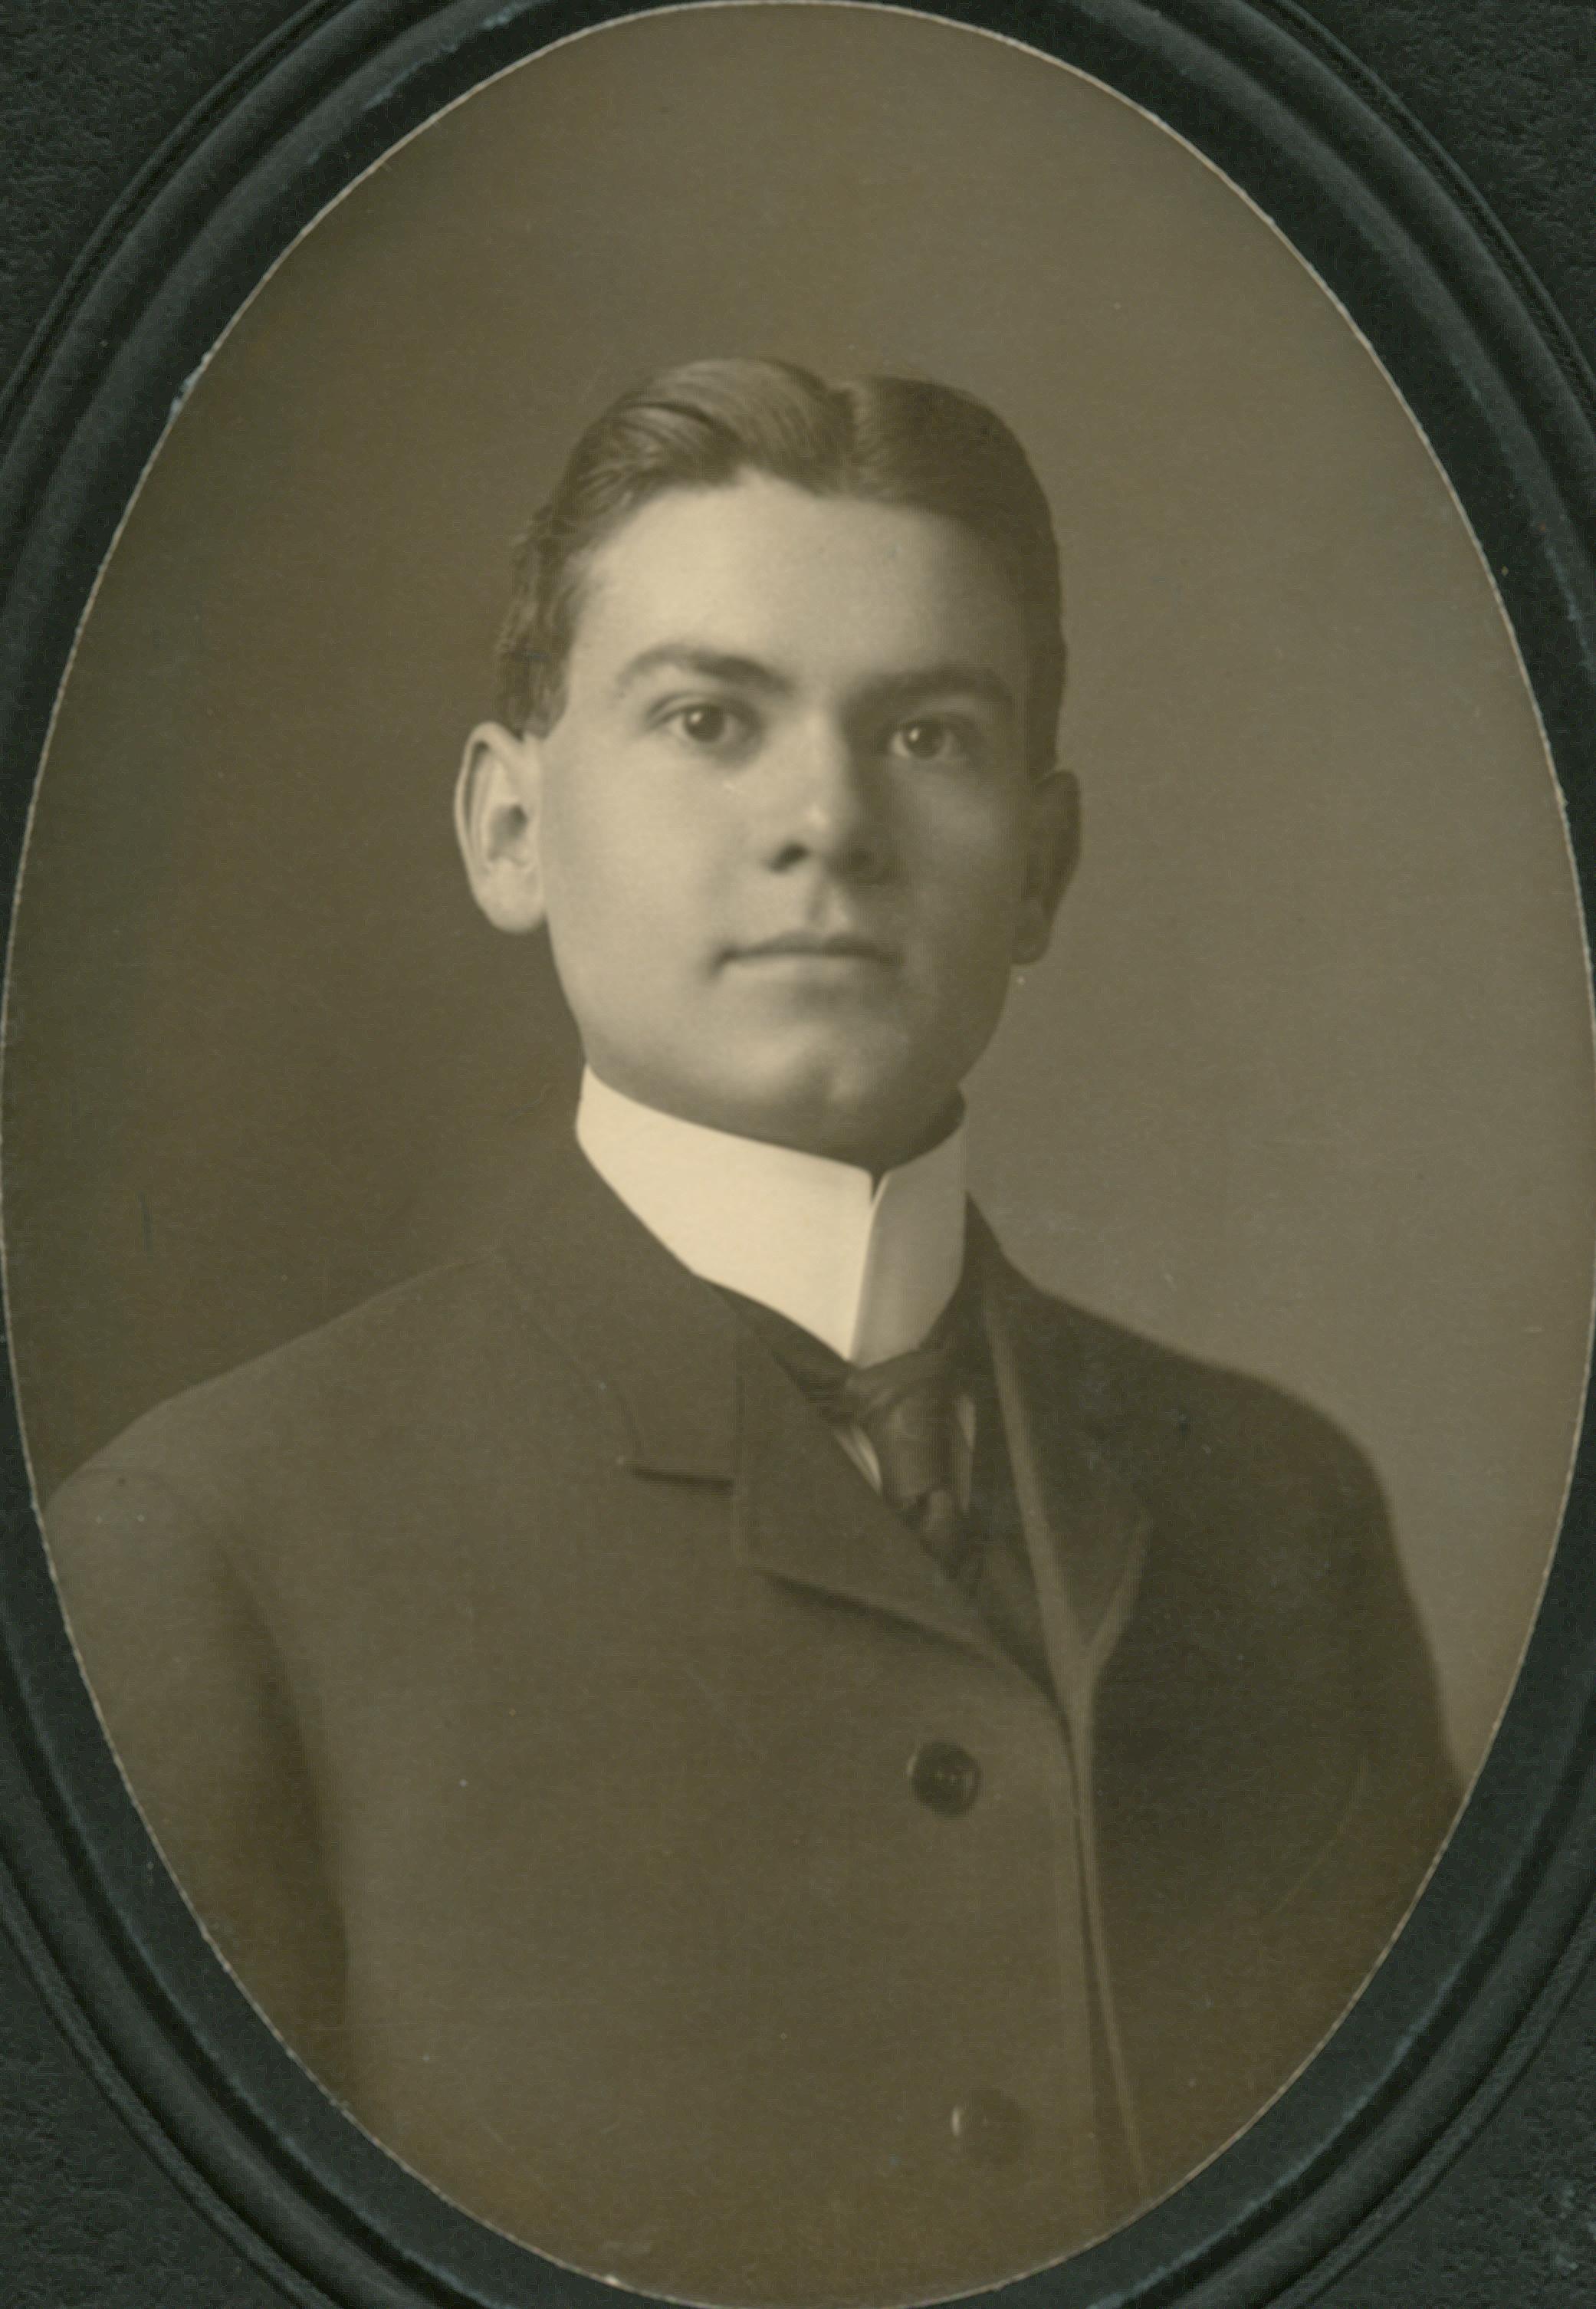 Floyd Owen, undated